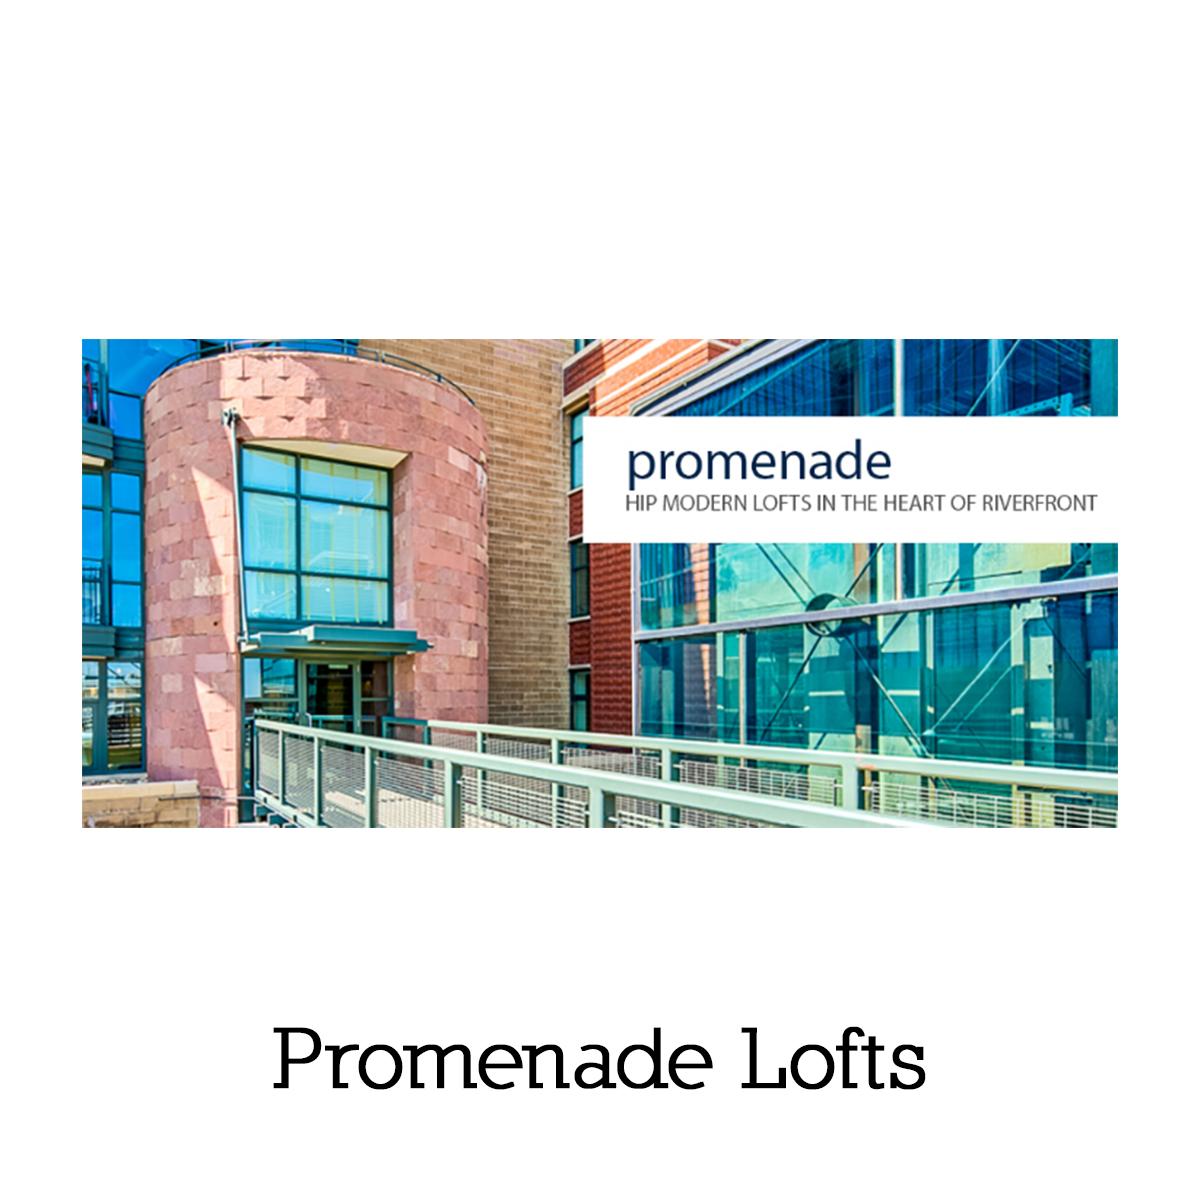 promenade_resized-for-web.jpg